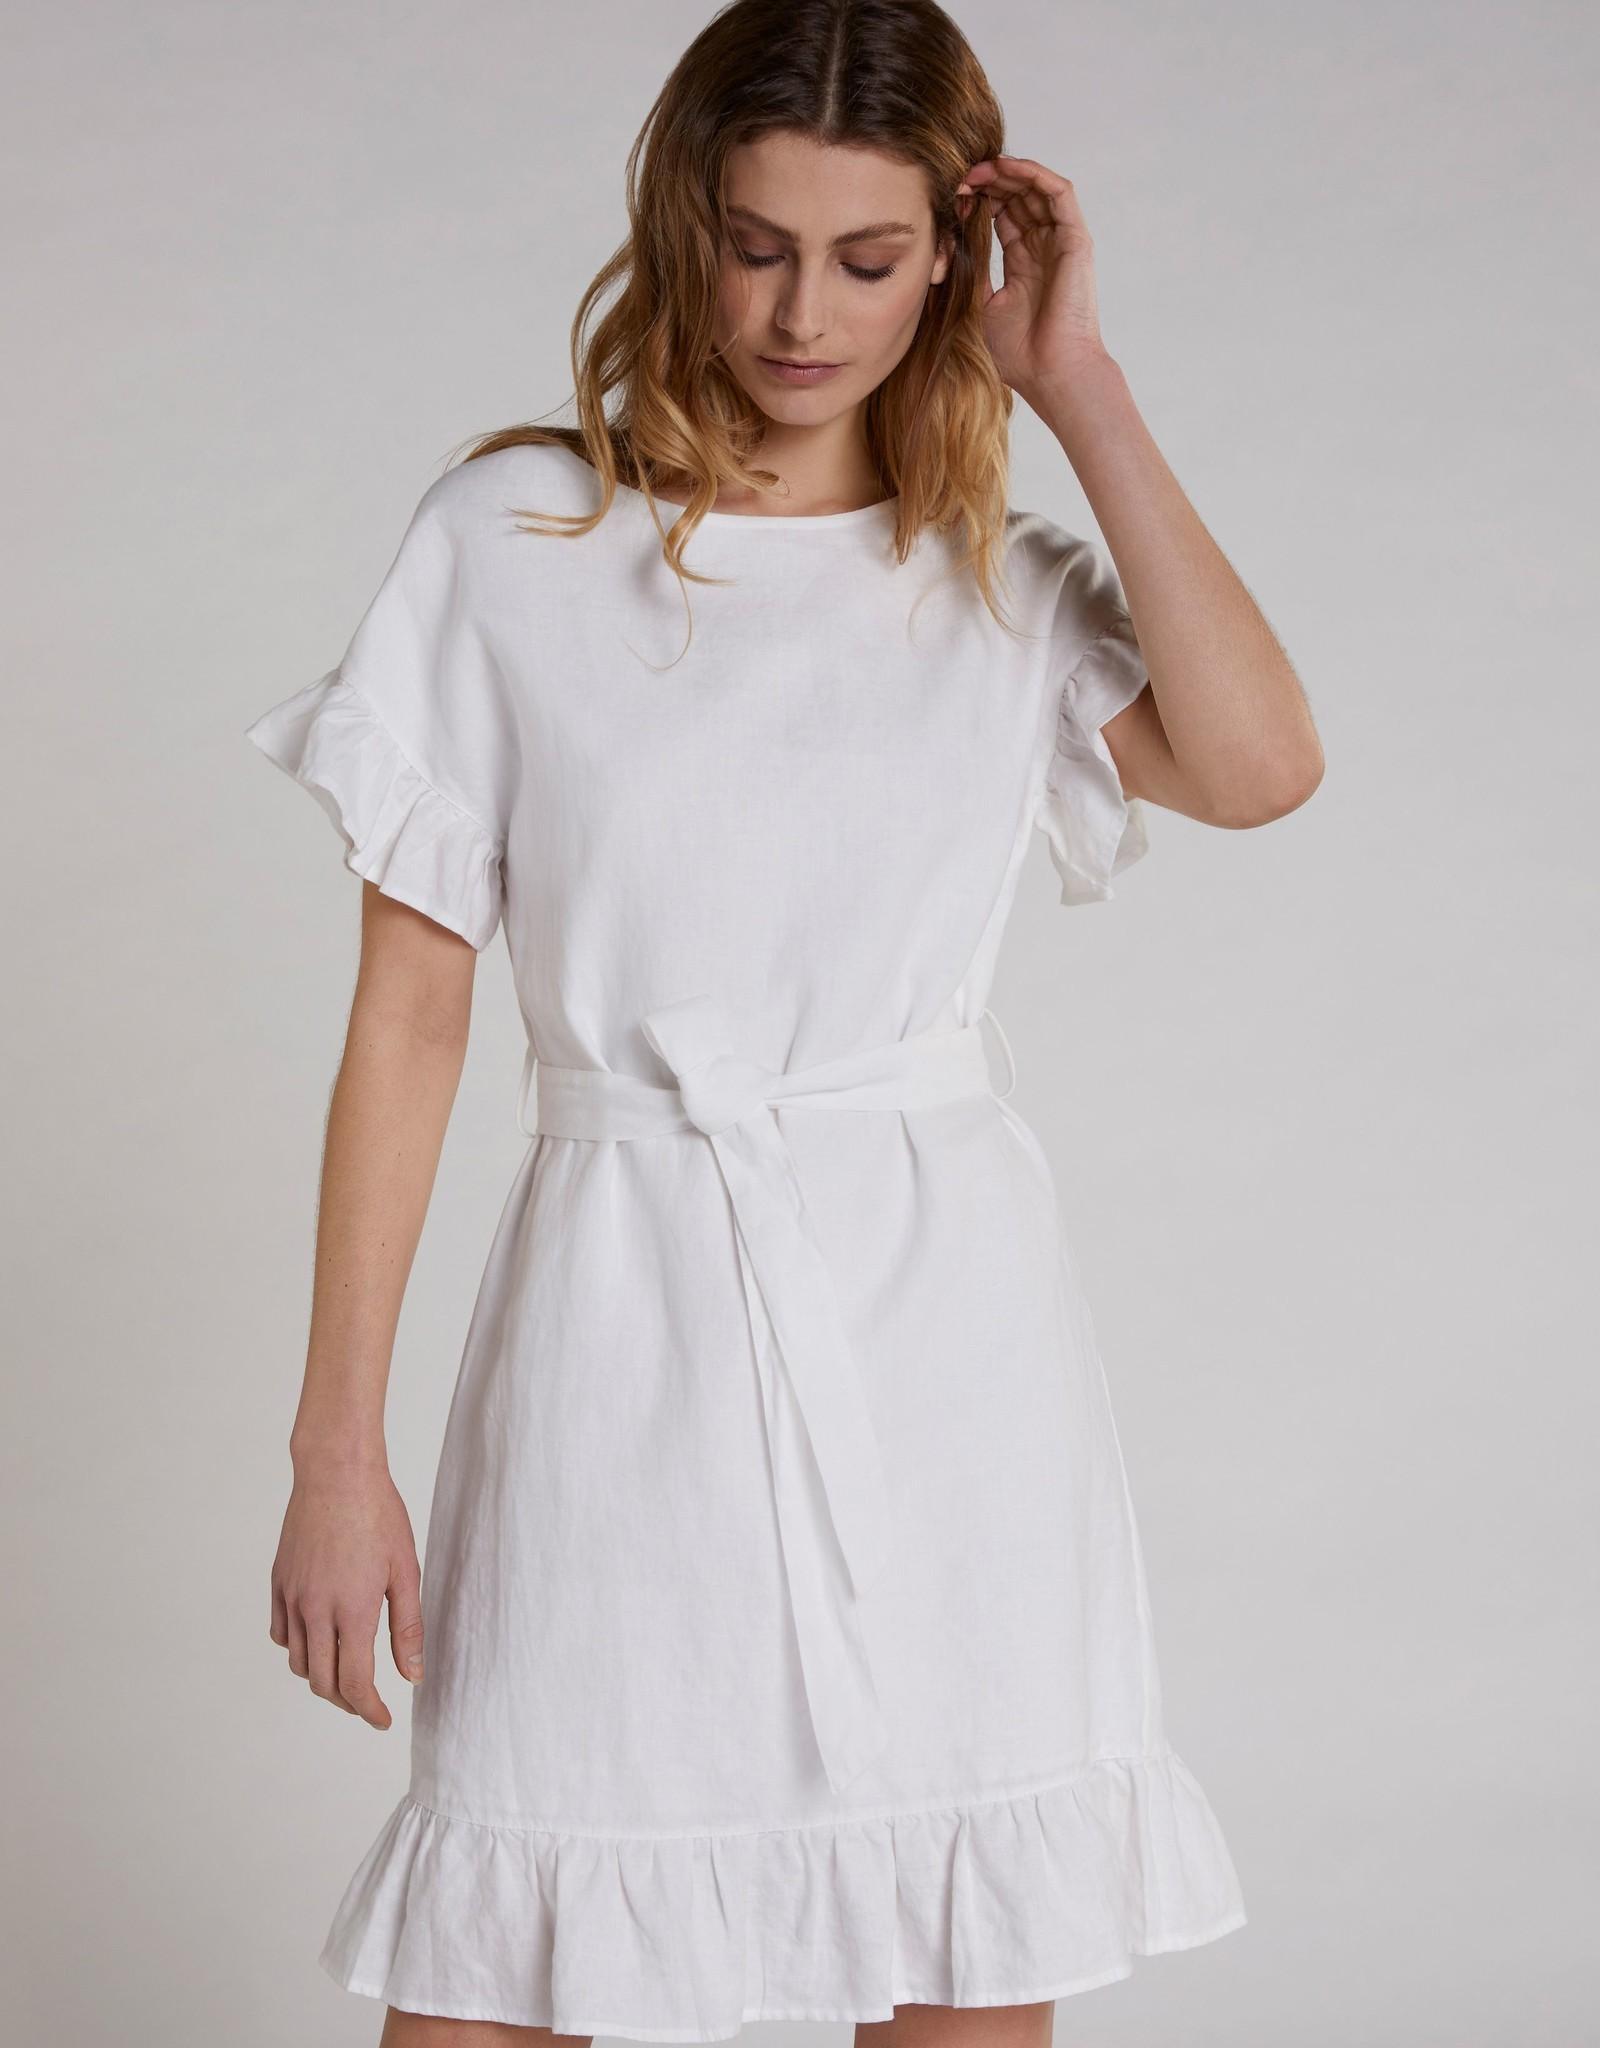 Ouí * 69249 Dress